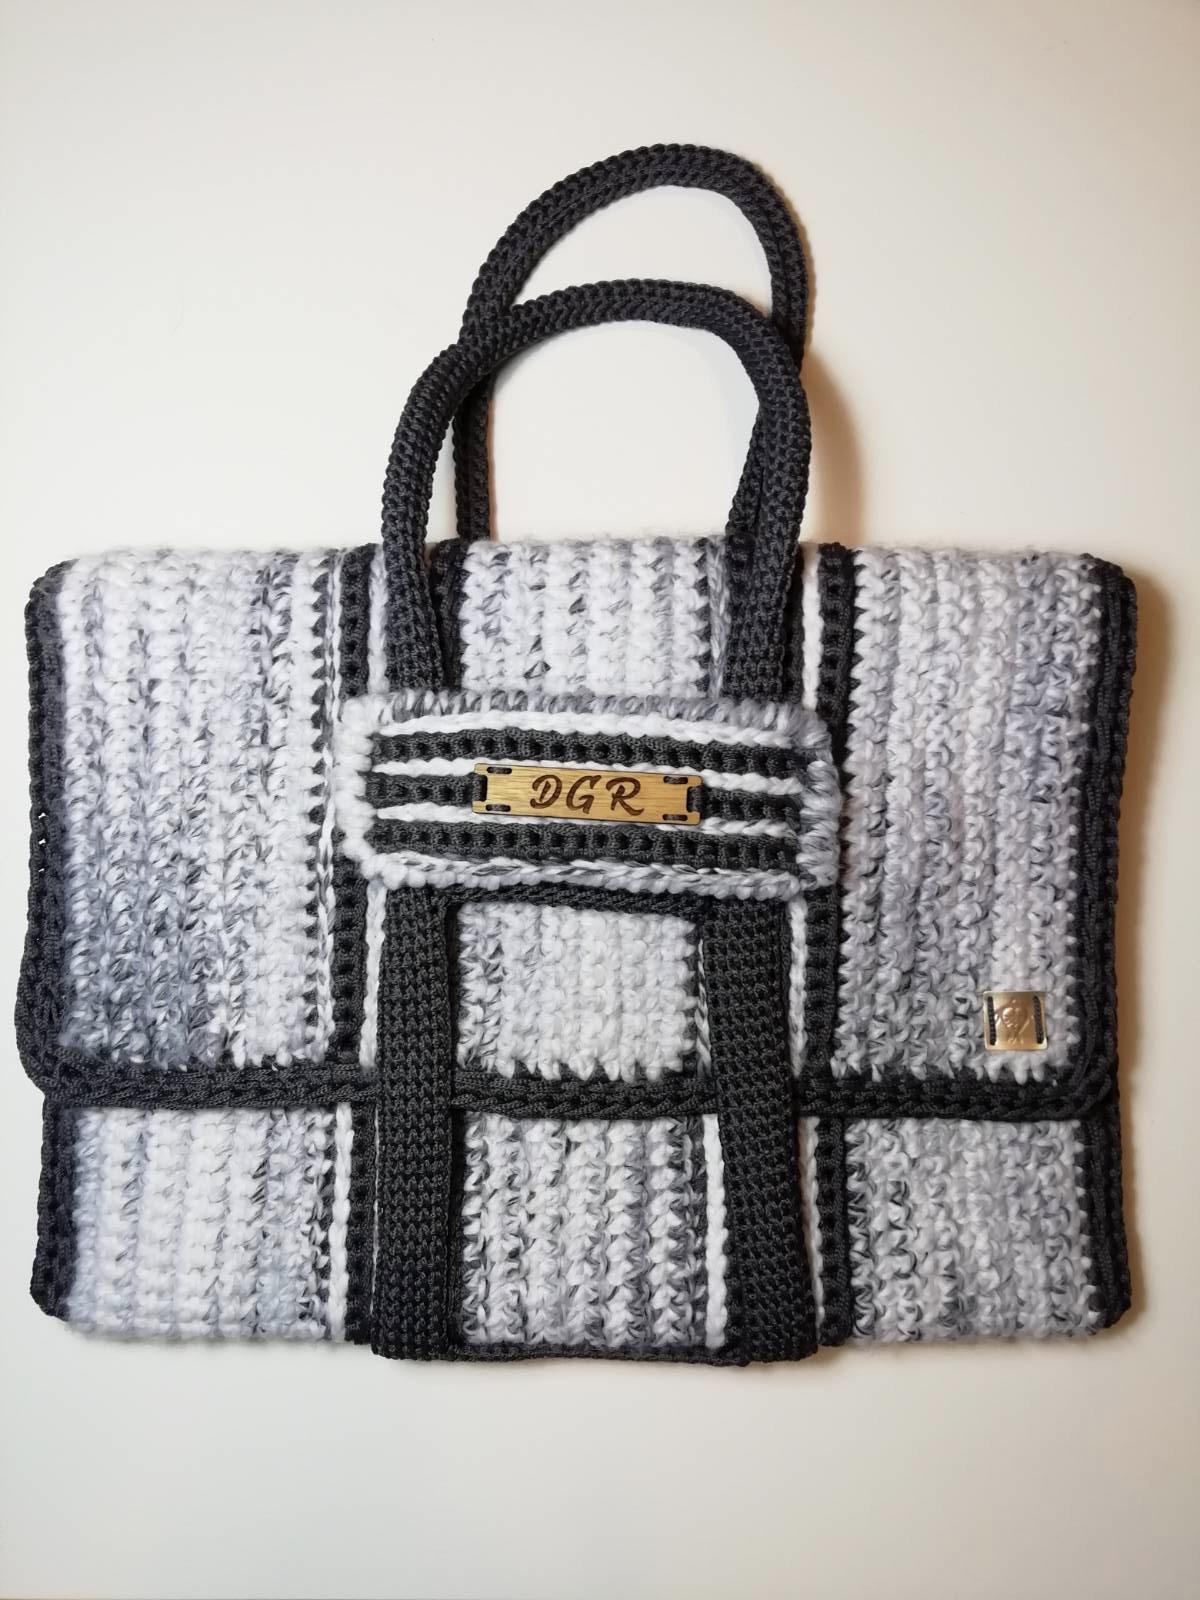 Crochet Bag in white/black